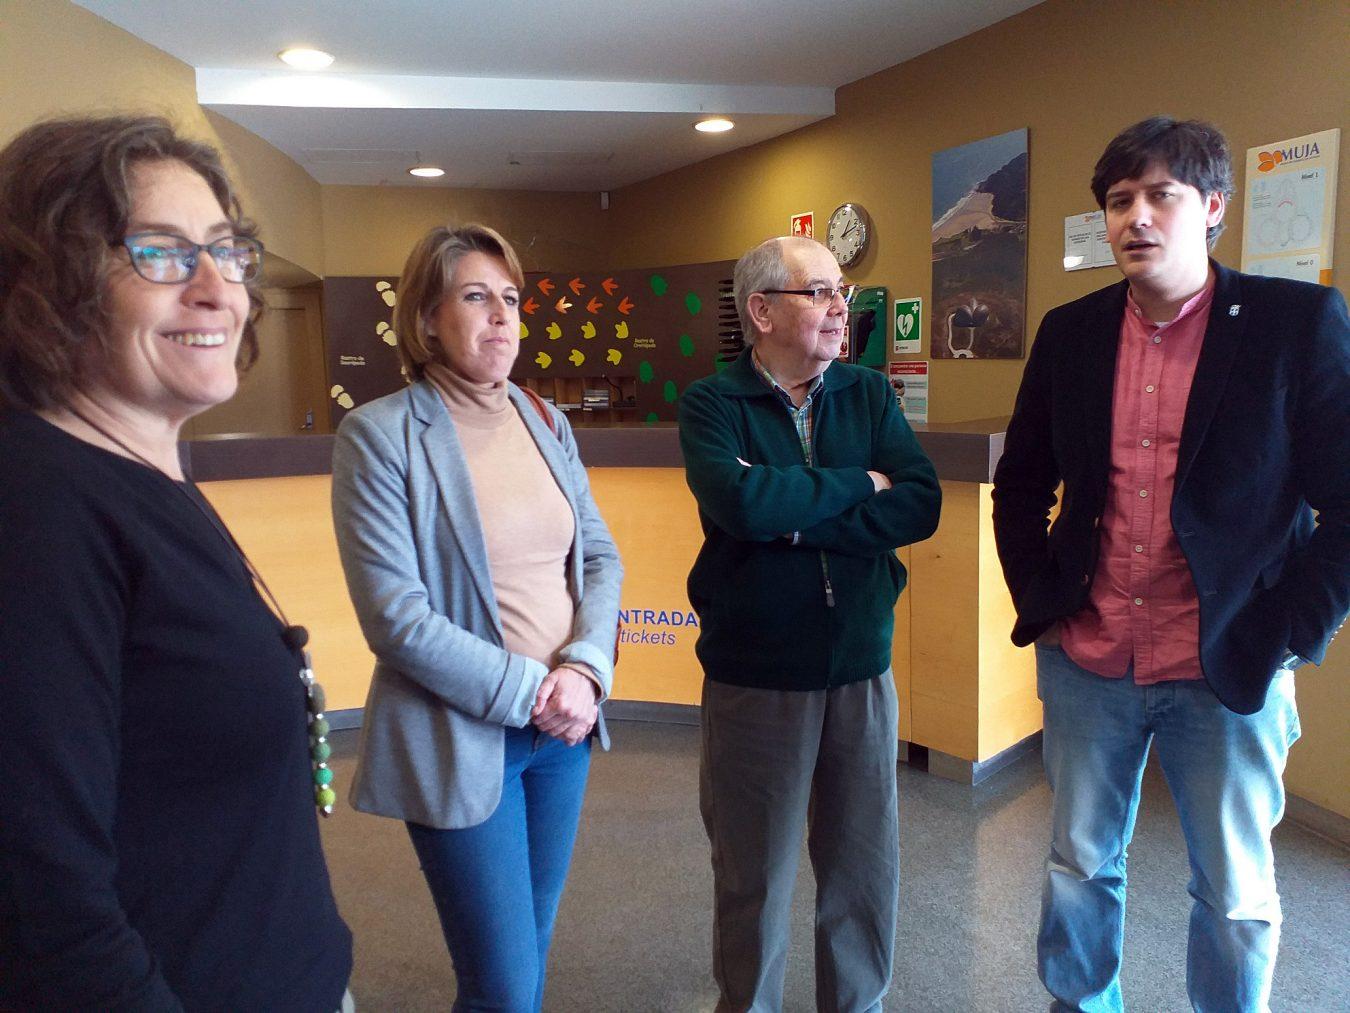 La realidad aumentada y los hologramas también llegarán al Museo Jurásico de Asturias